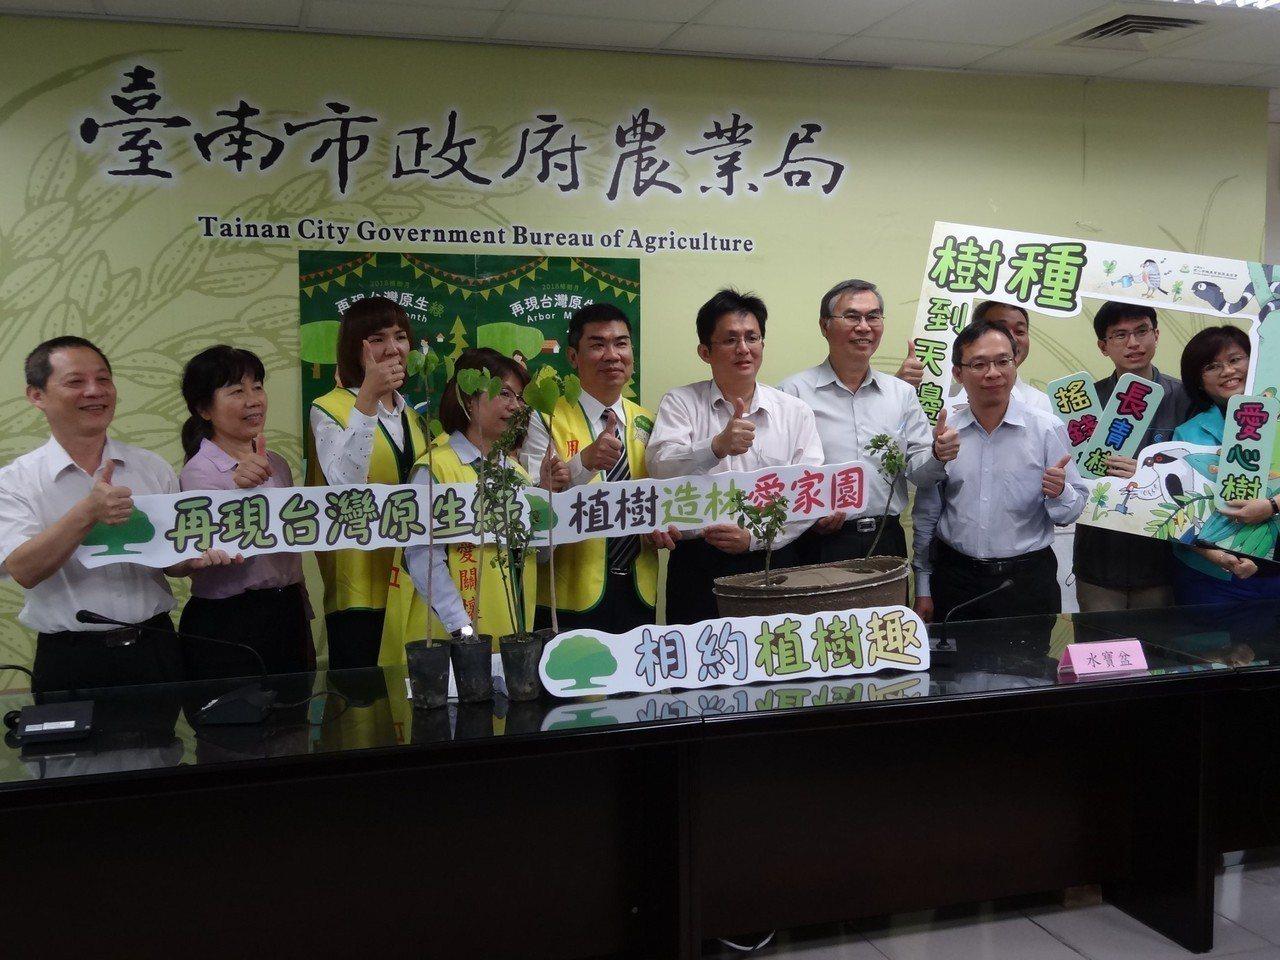 搶救將軍海岸 ,「護岸從『樹』 森護台南」植樹將登場。圖/台南市政府農業局提供